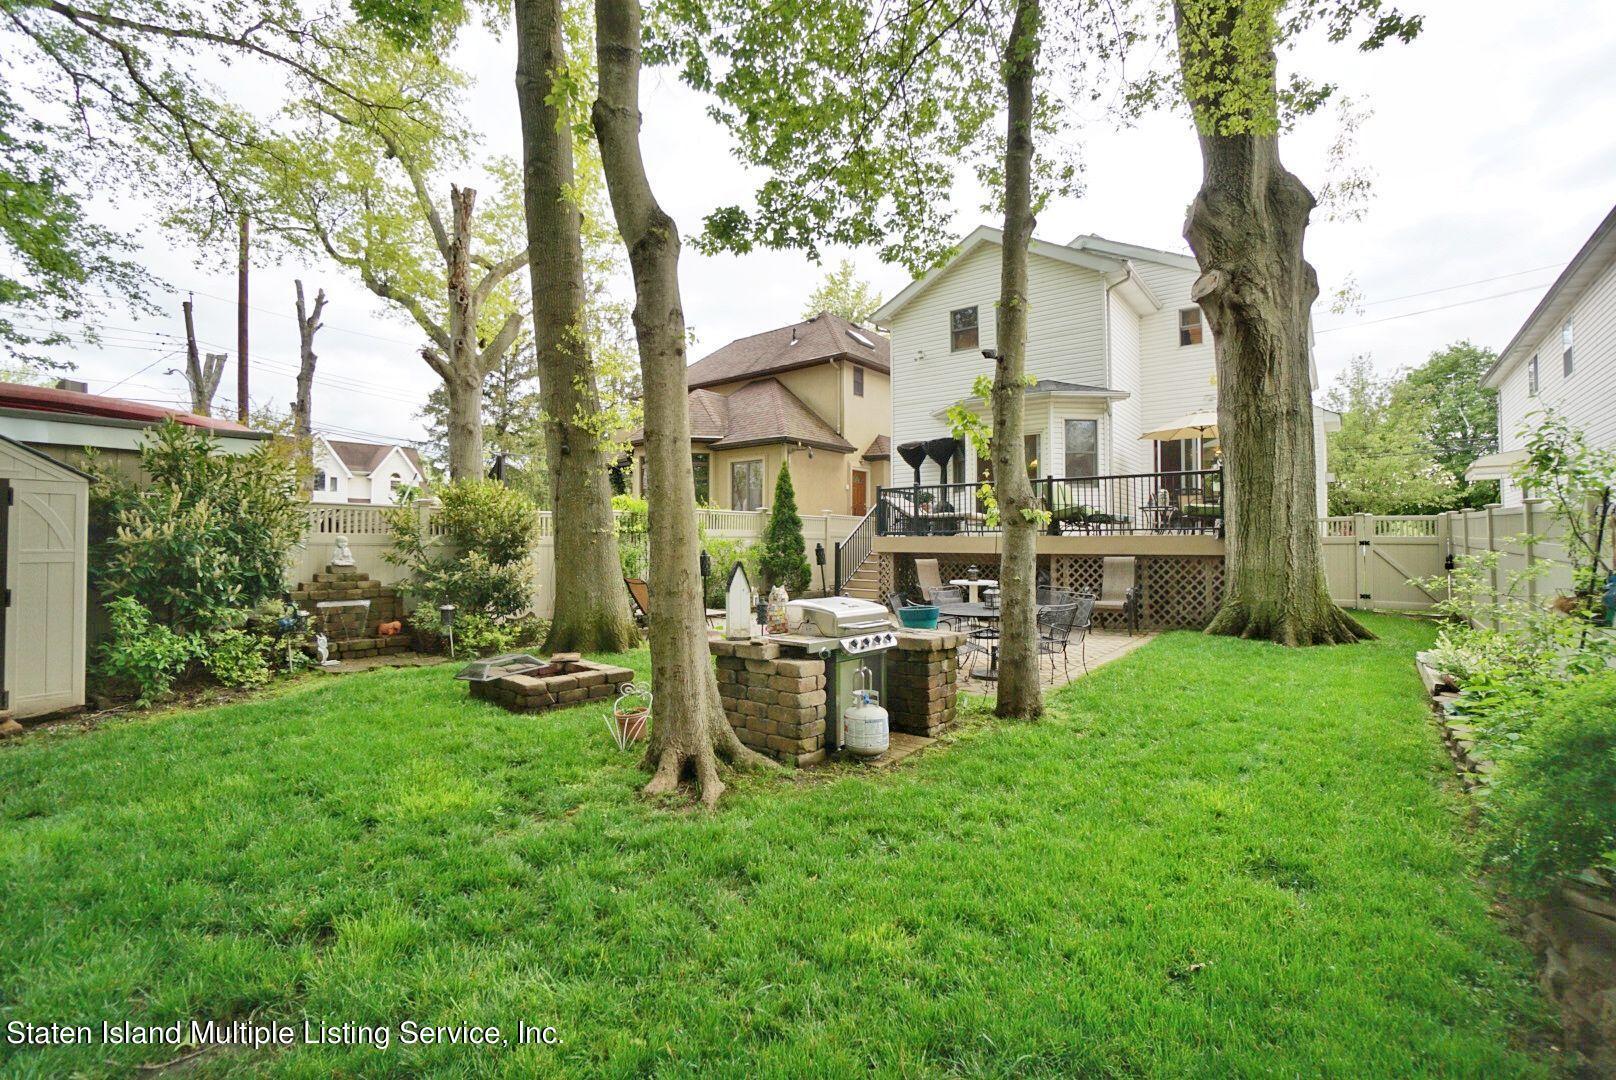 Single Family - Detached 311 Sharrott Avenue  Staten Island, NY 10309, MLS-1146042-59